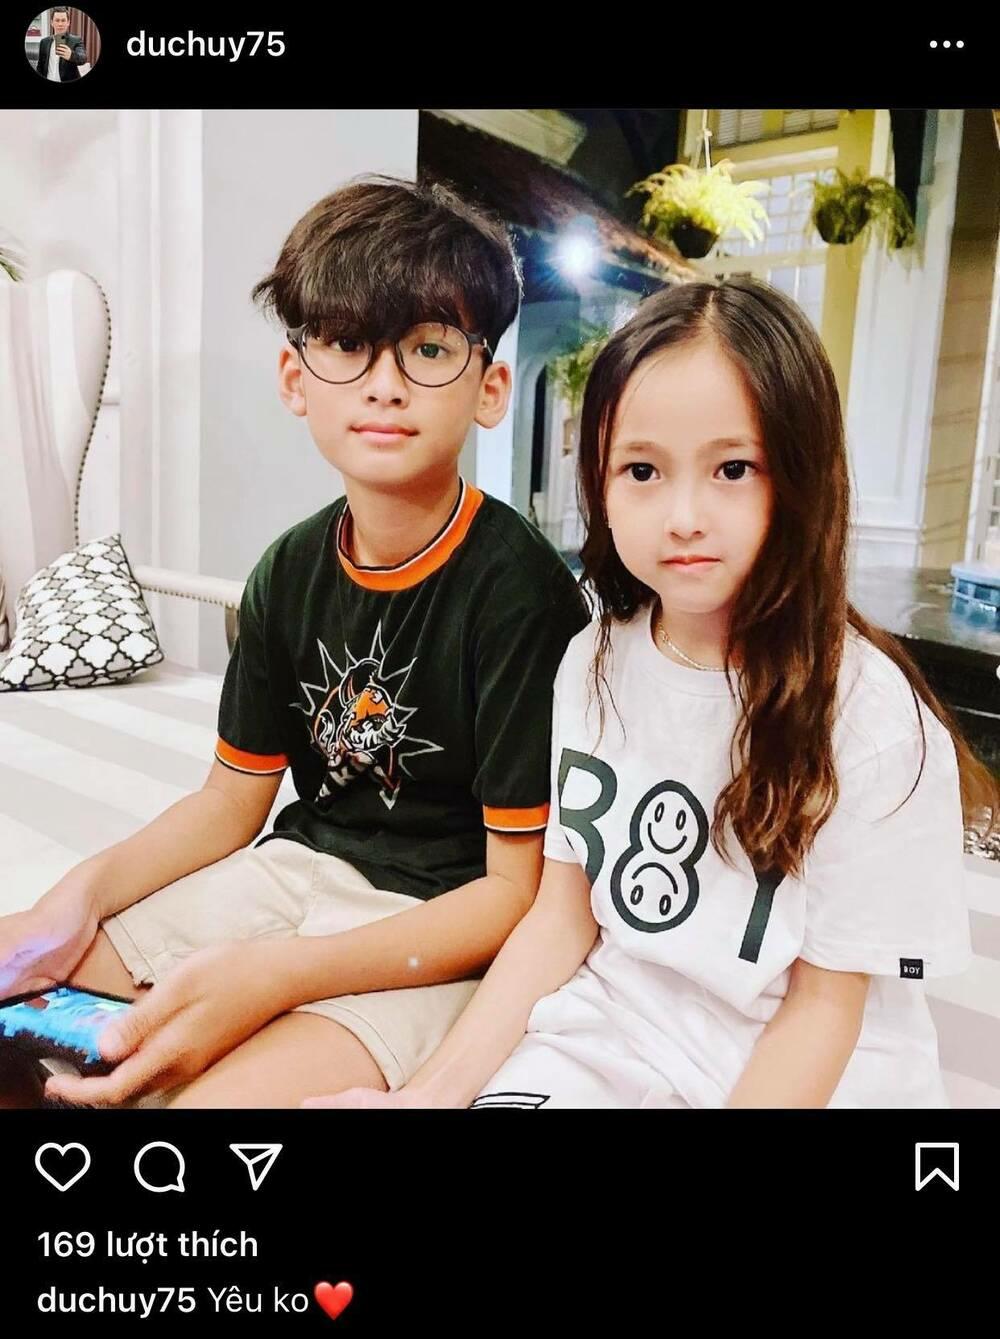 Chồng cũ Lệ Quyên nhận con gái của Hoa hậu Hà Kiều Anh làm con dâu tương lai